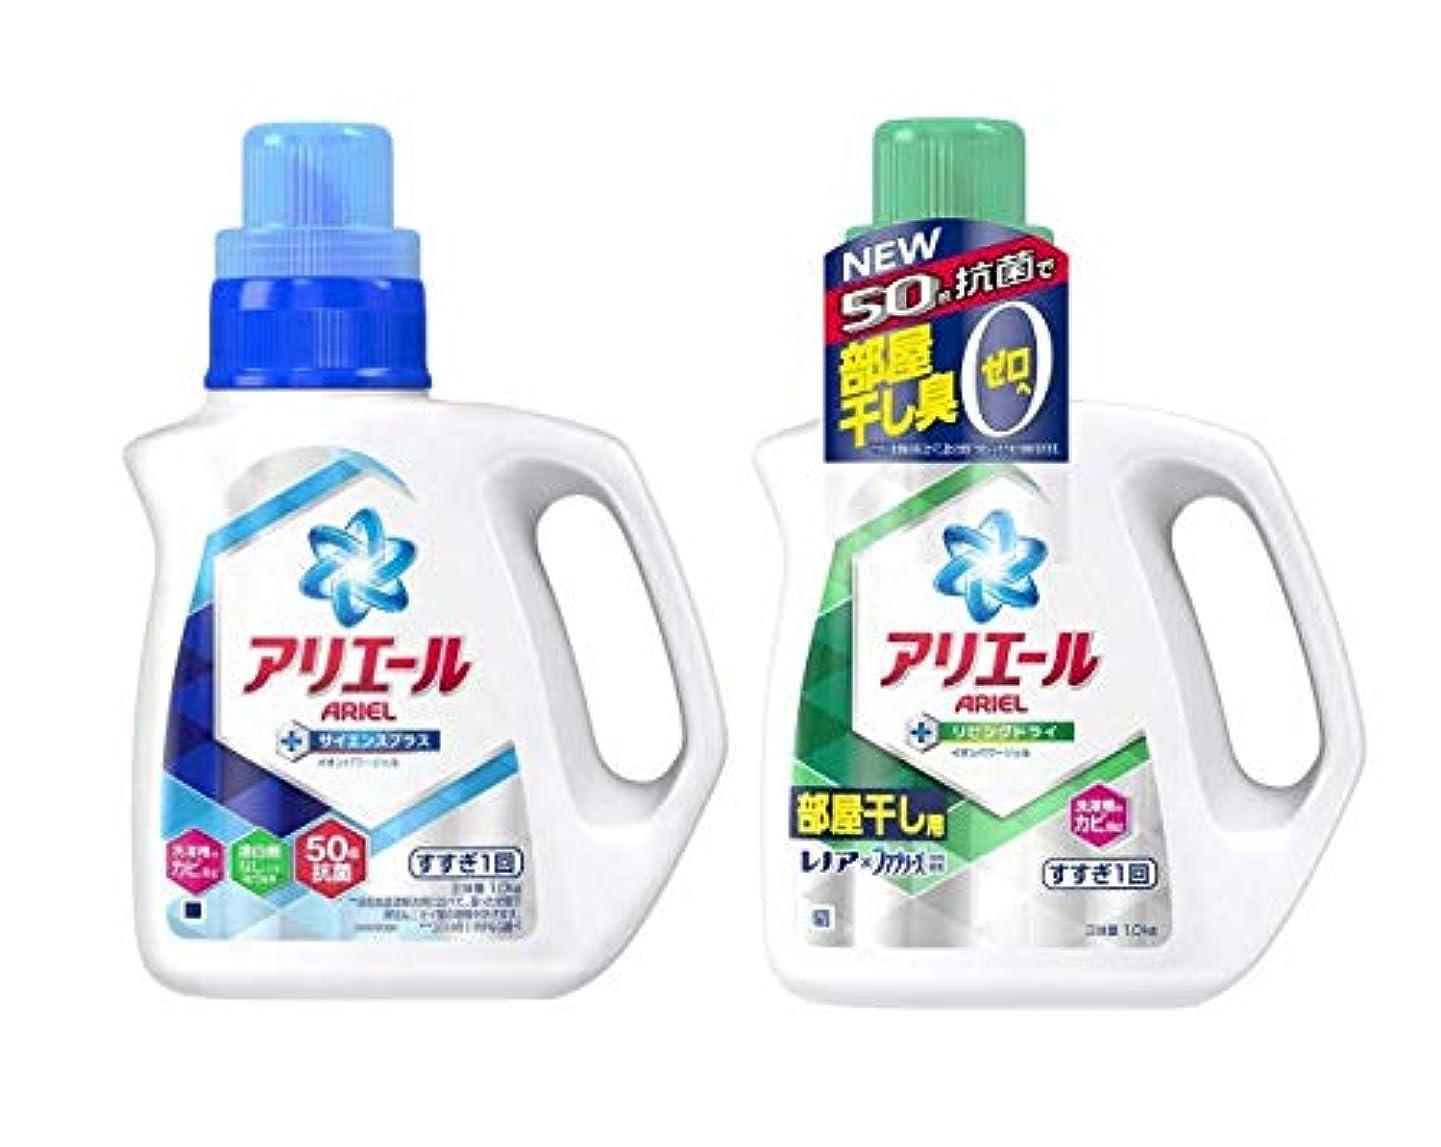 ライセンス端生きる(合わせ買い2個セット) アリエール 洗濯洗剤 液体 イオンパワージェル サイエンスプラス+リビングドライイオンパワージェル 1.0kg×2個